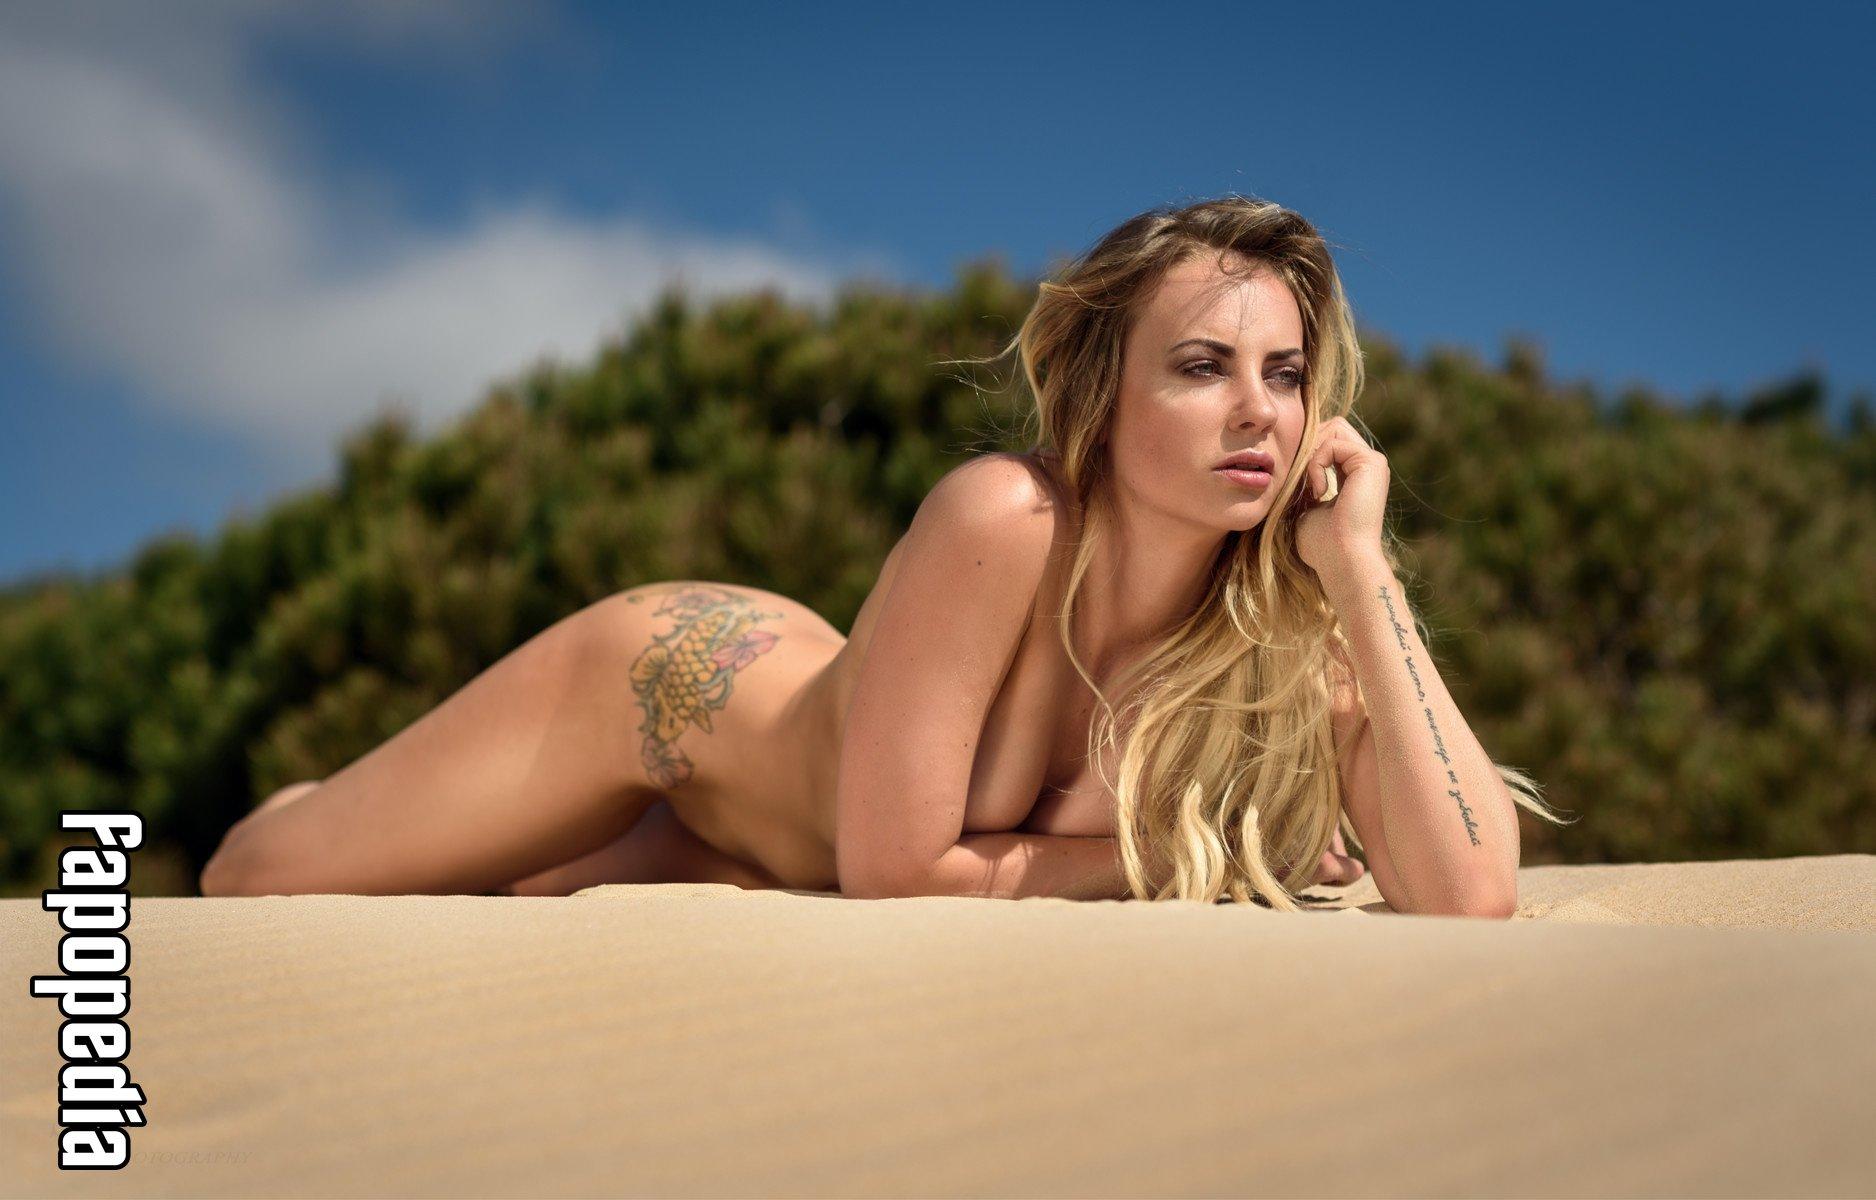 Nude jackie goehner Jacqueline Goehner